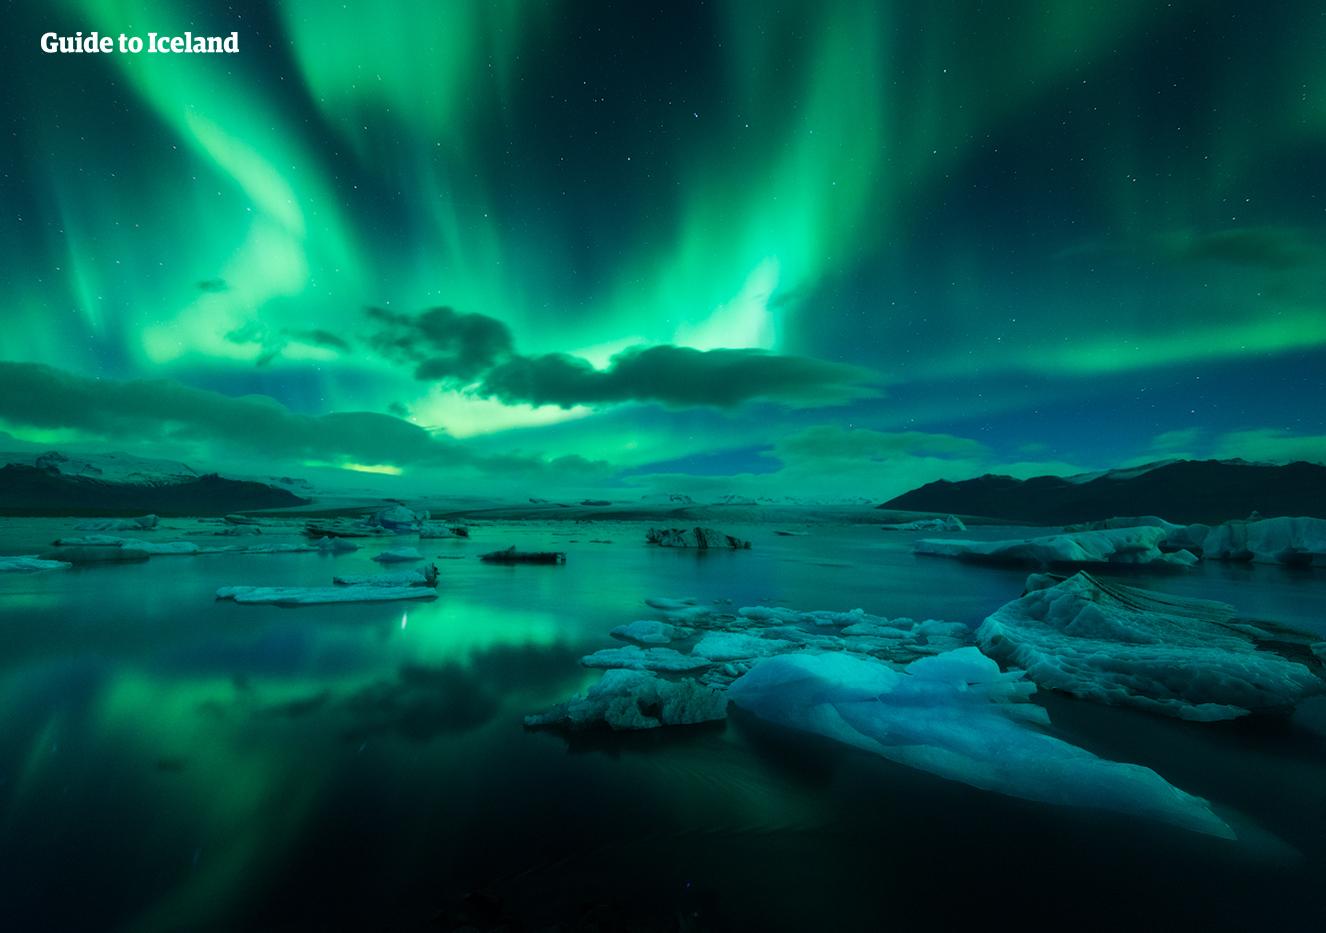 杰古沙龙冰河湖的上空舞动着灿烂的北极光